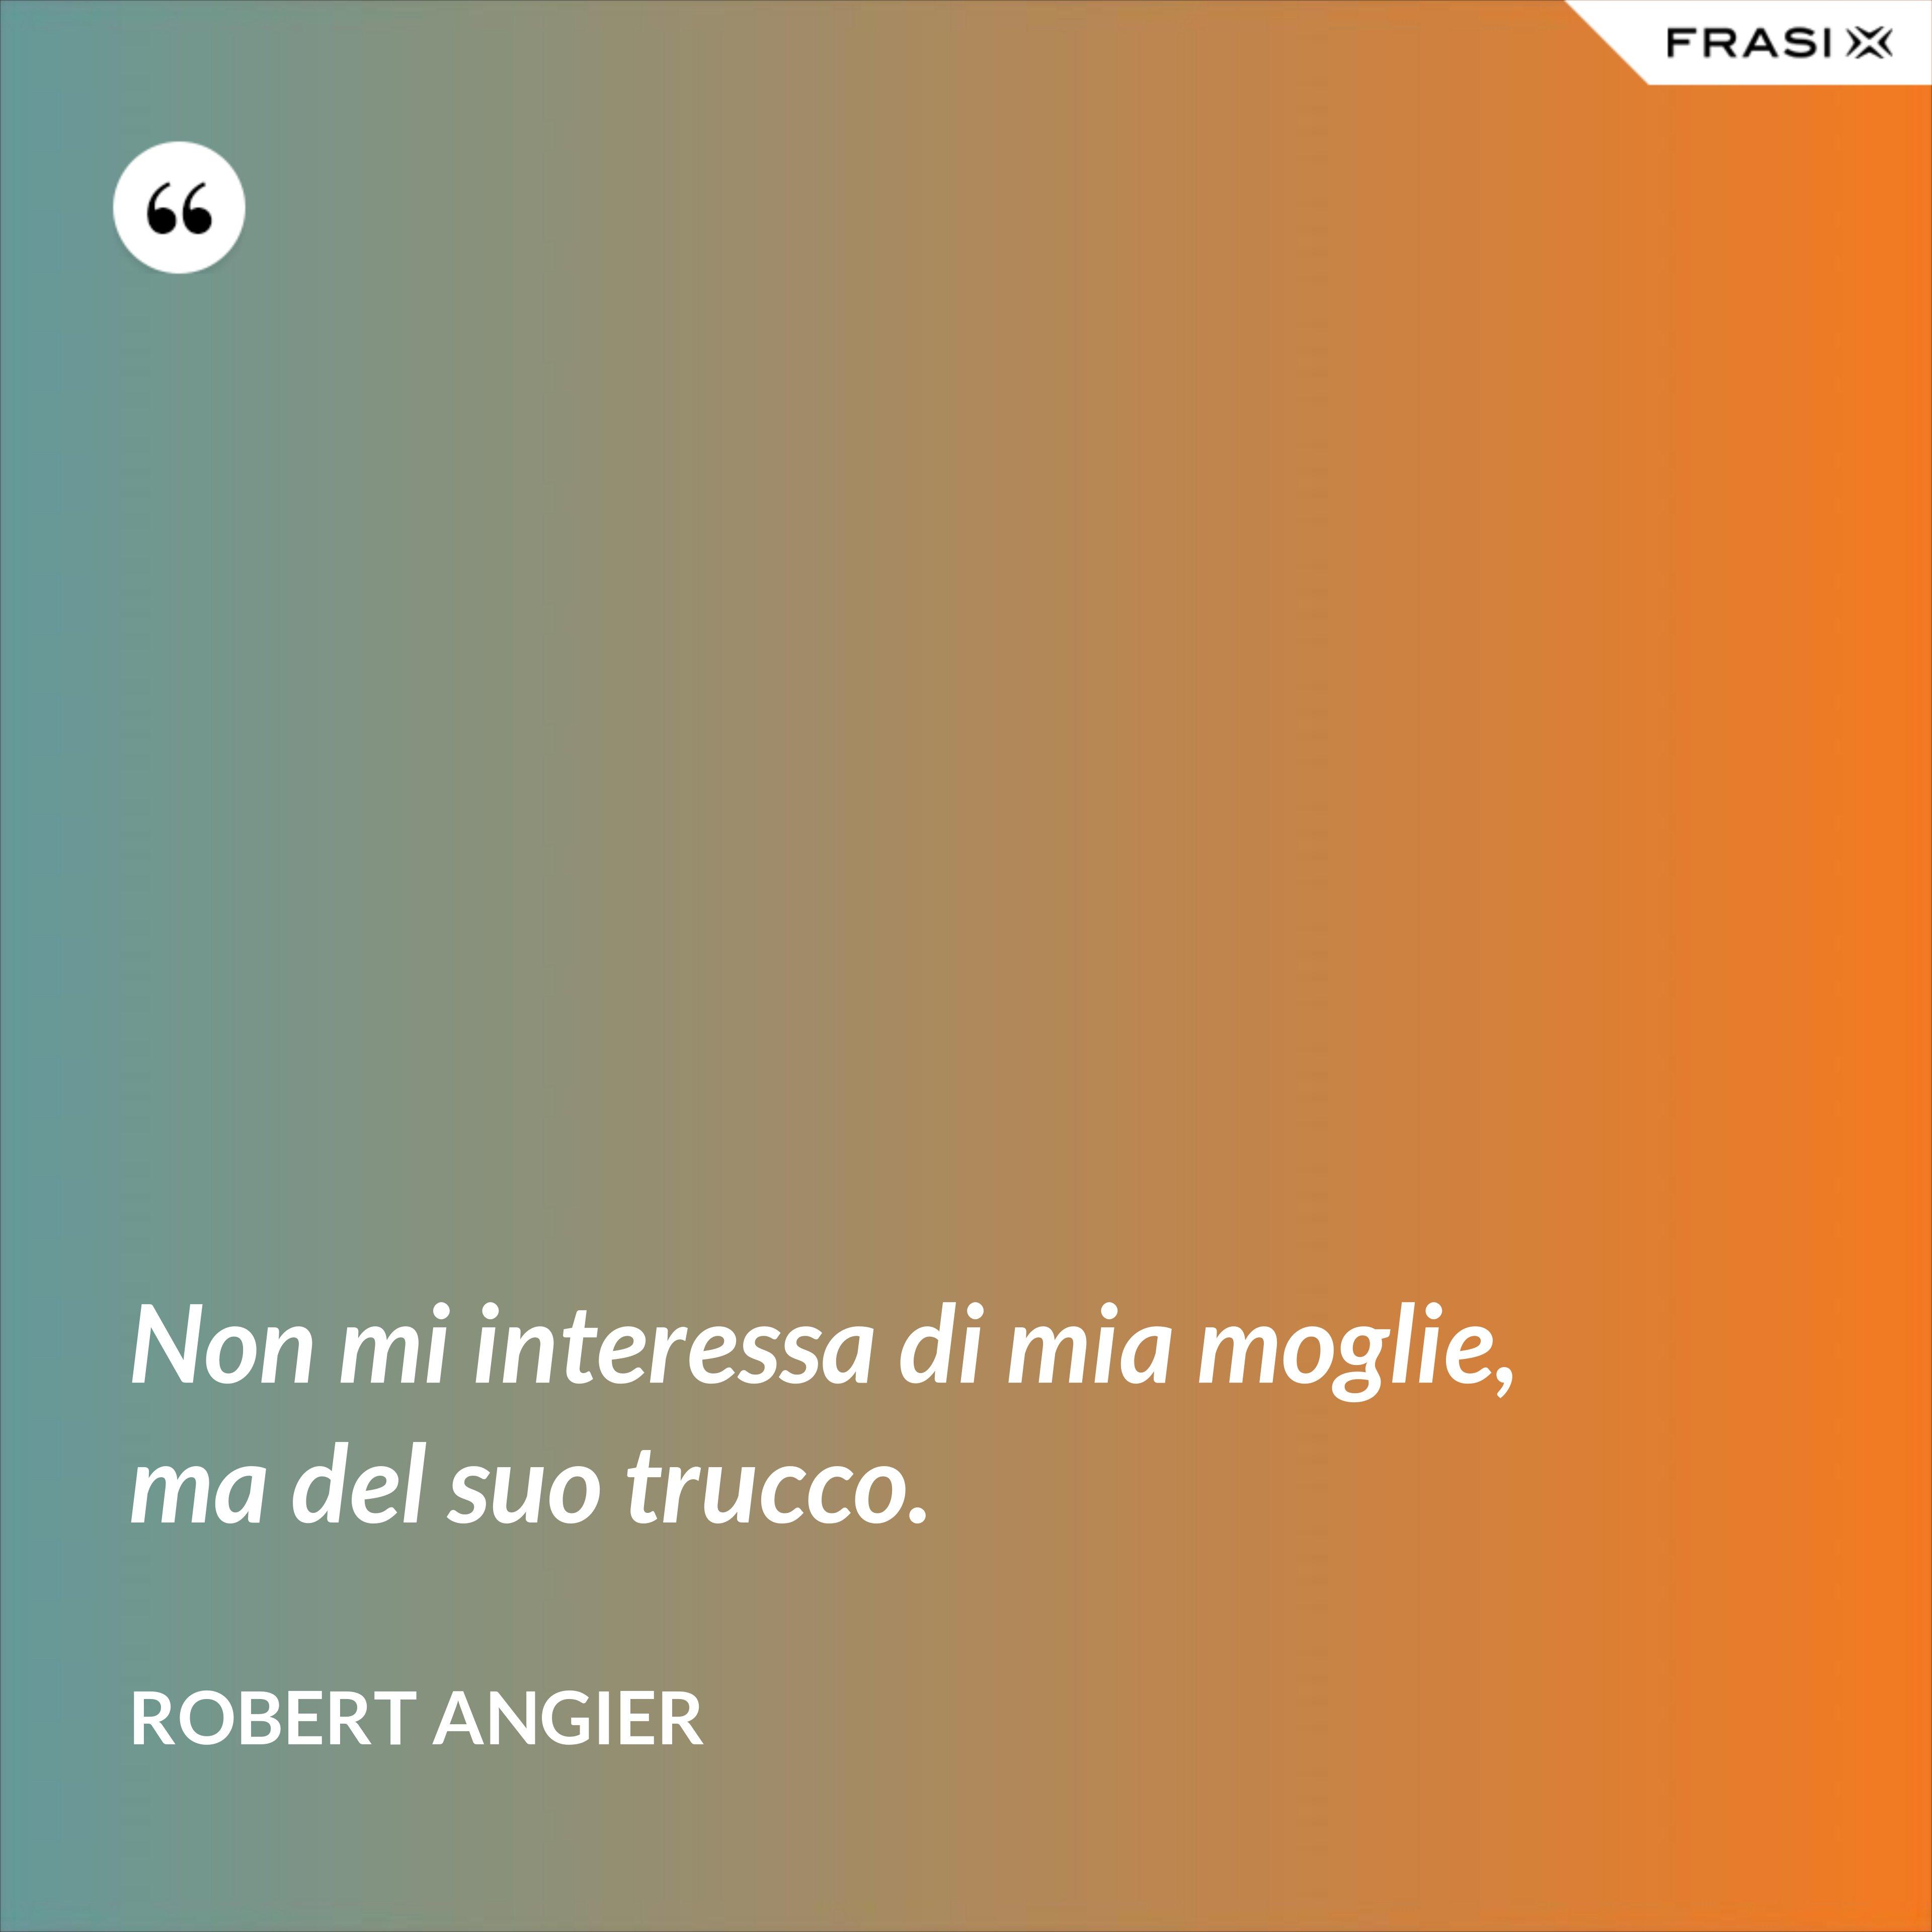 Non mi interessa di mia moglie, ma del suo trucco. - Robert Angier